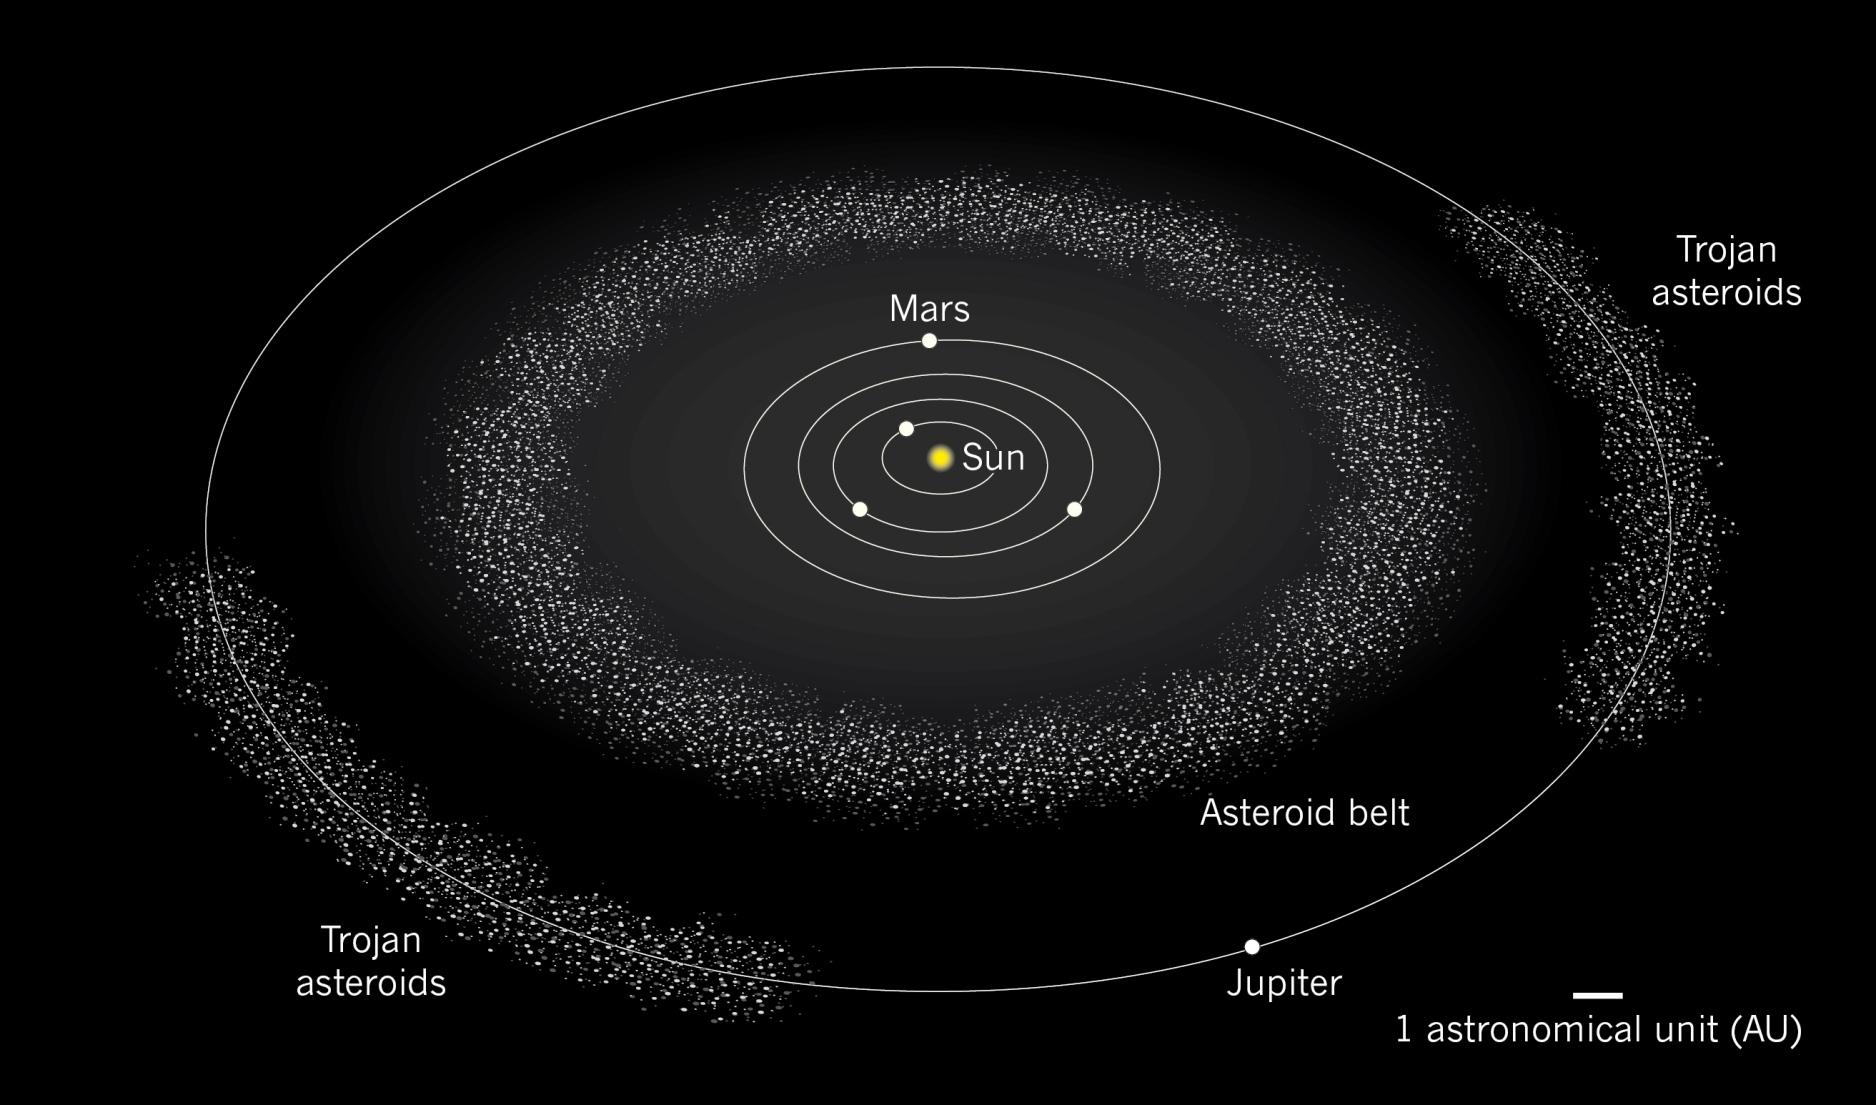 venus on asteroid belt - photo #5